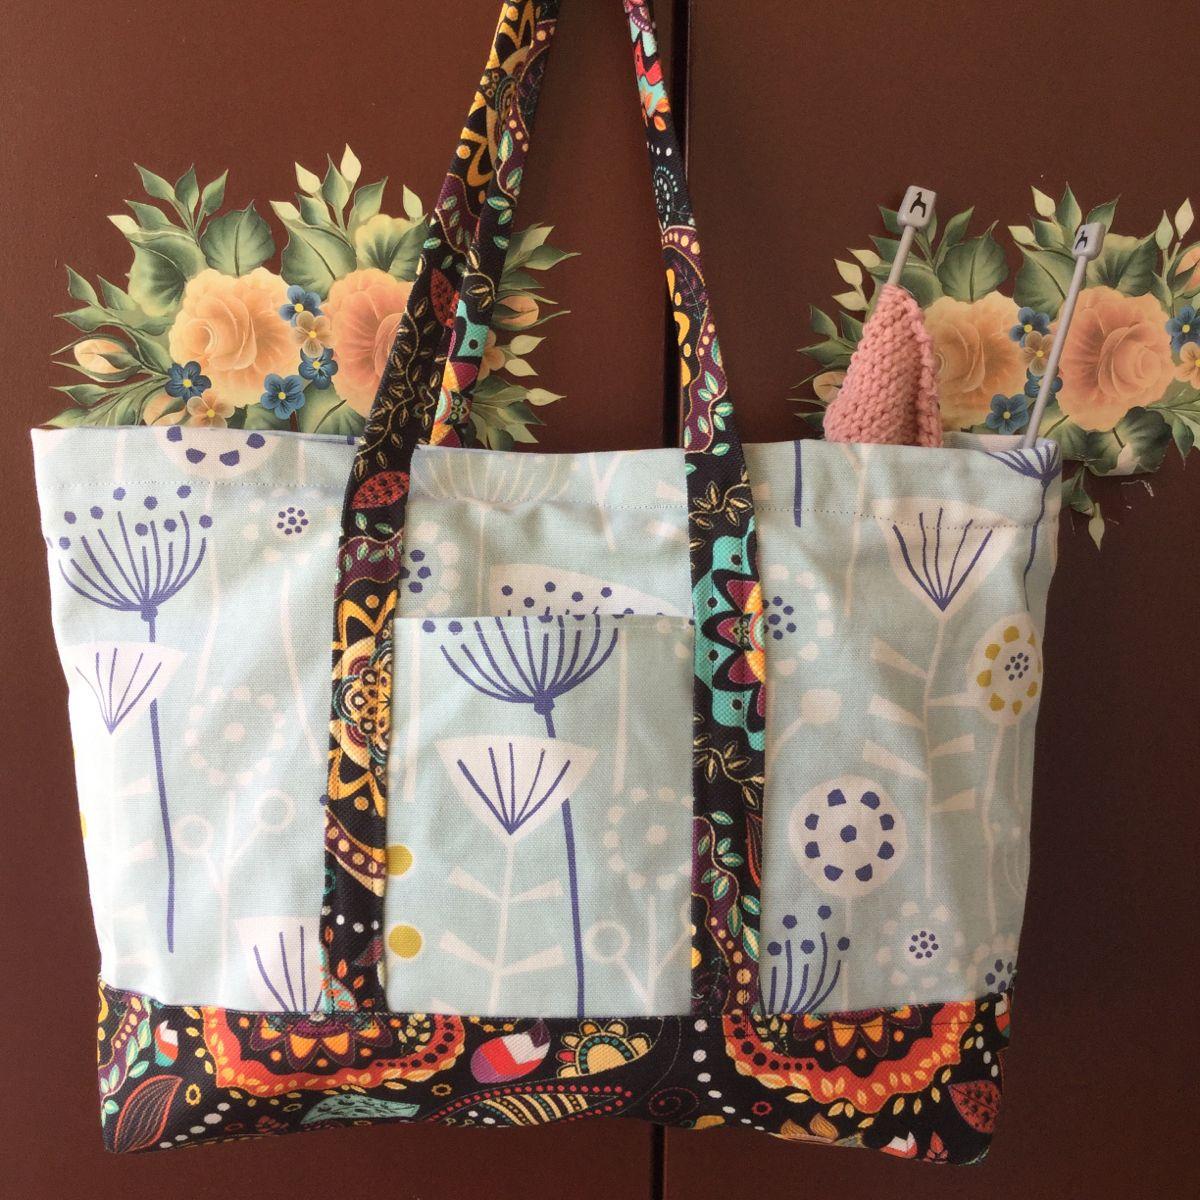 #boho #bohostyle #çanta #çantamodelleri #elyapımı #elyapimicanta #aksesuar #örgü